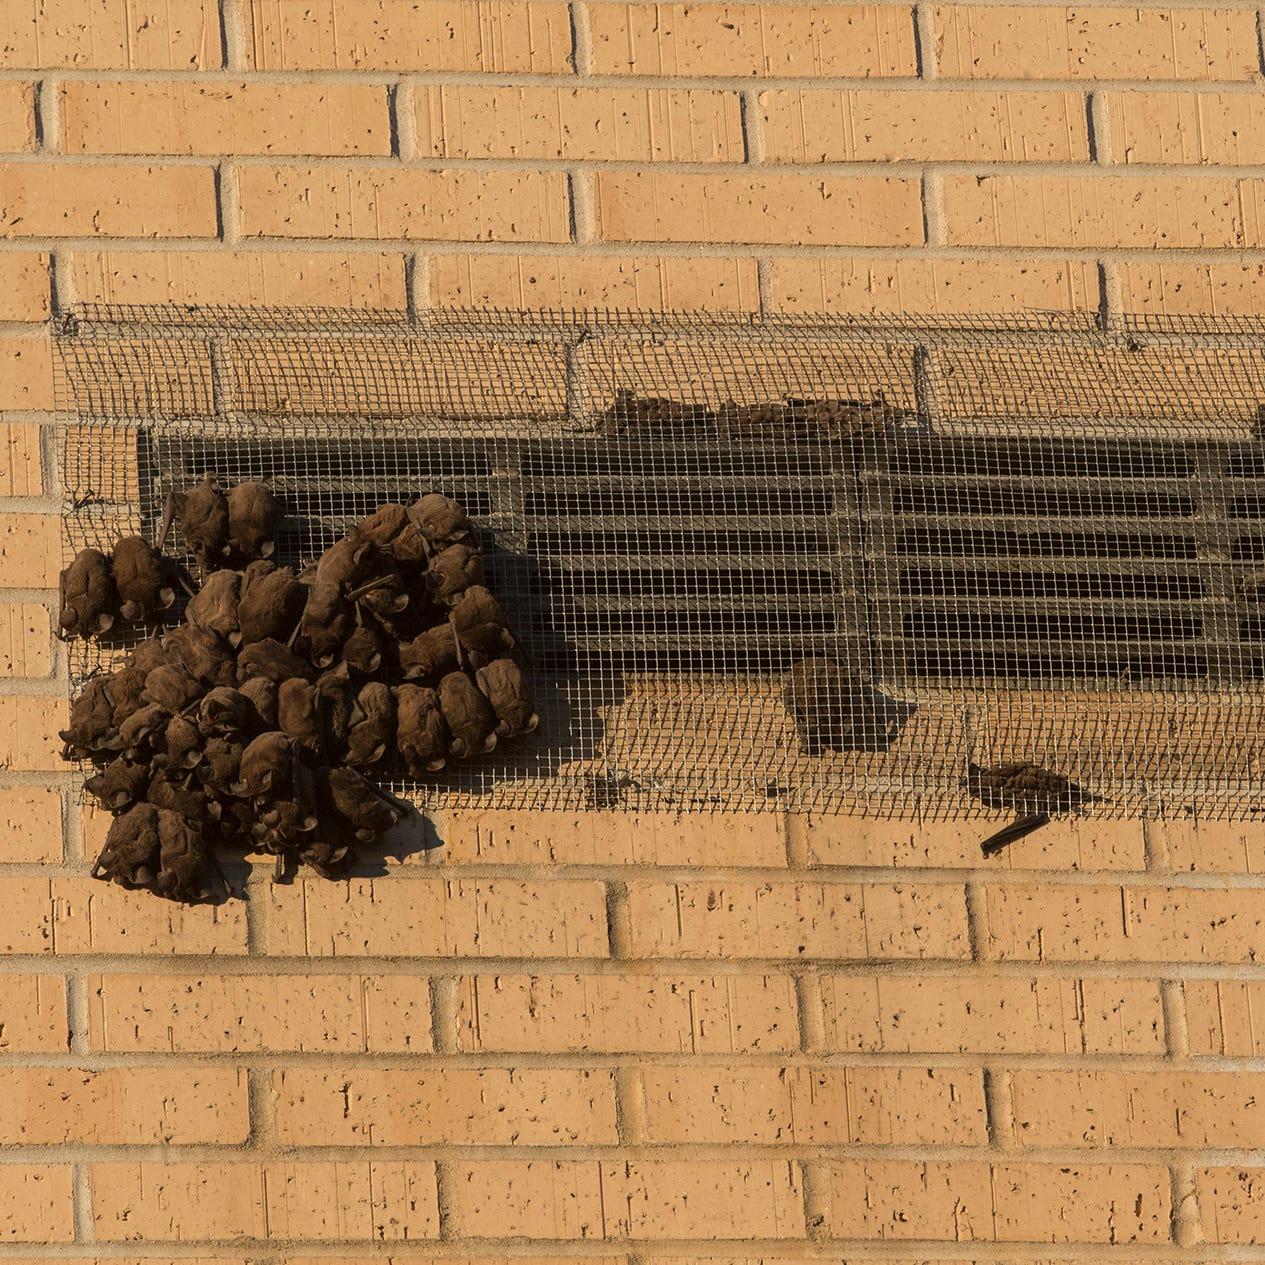 Bat infestation temporarily closes Sugar Hall at ULM